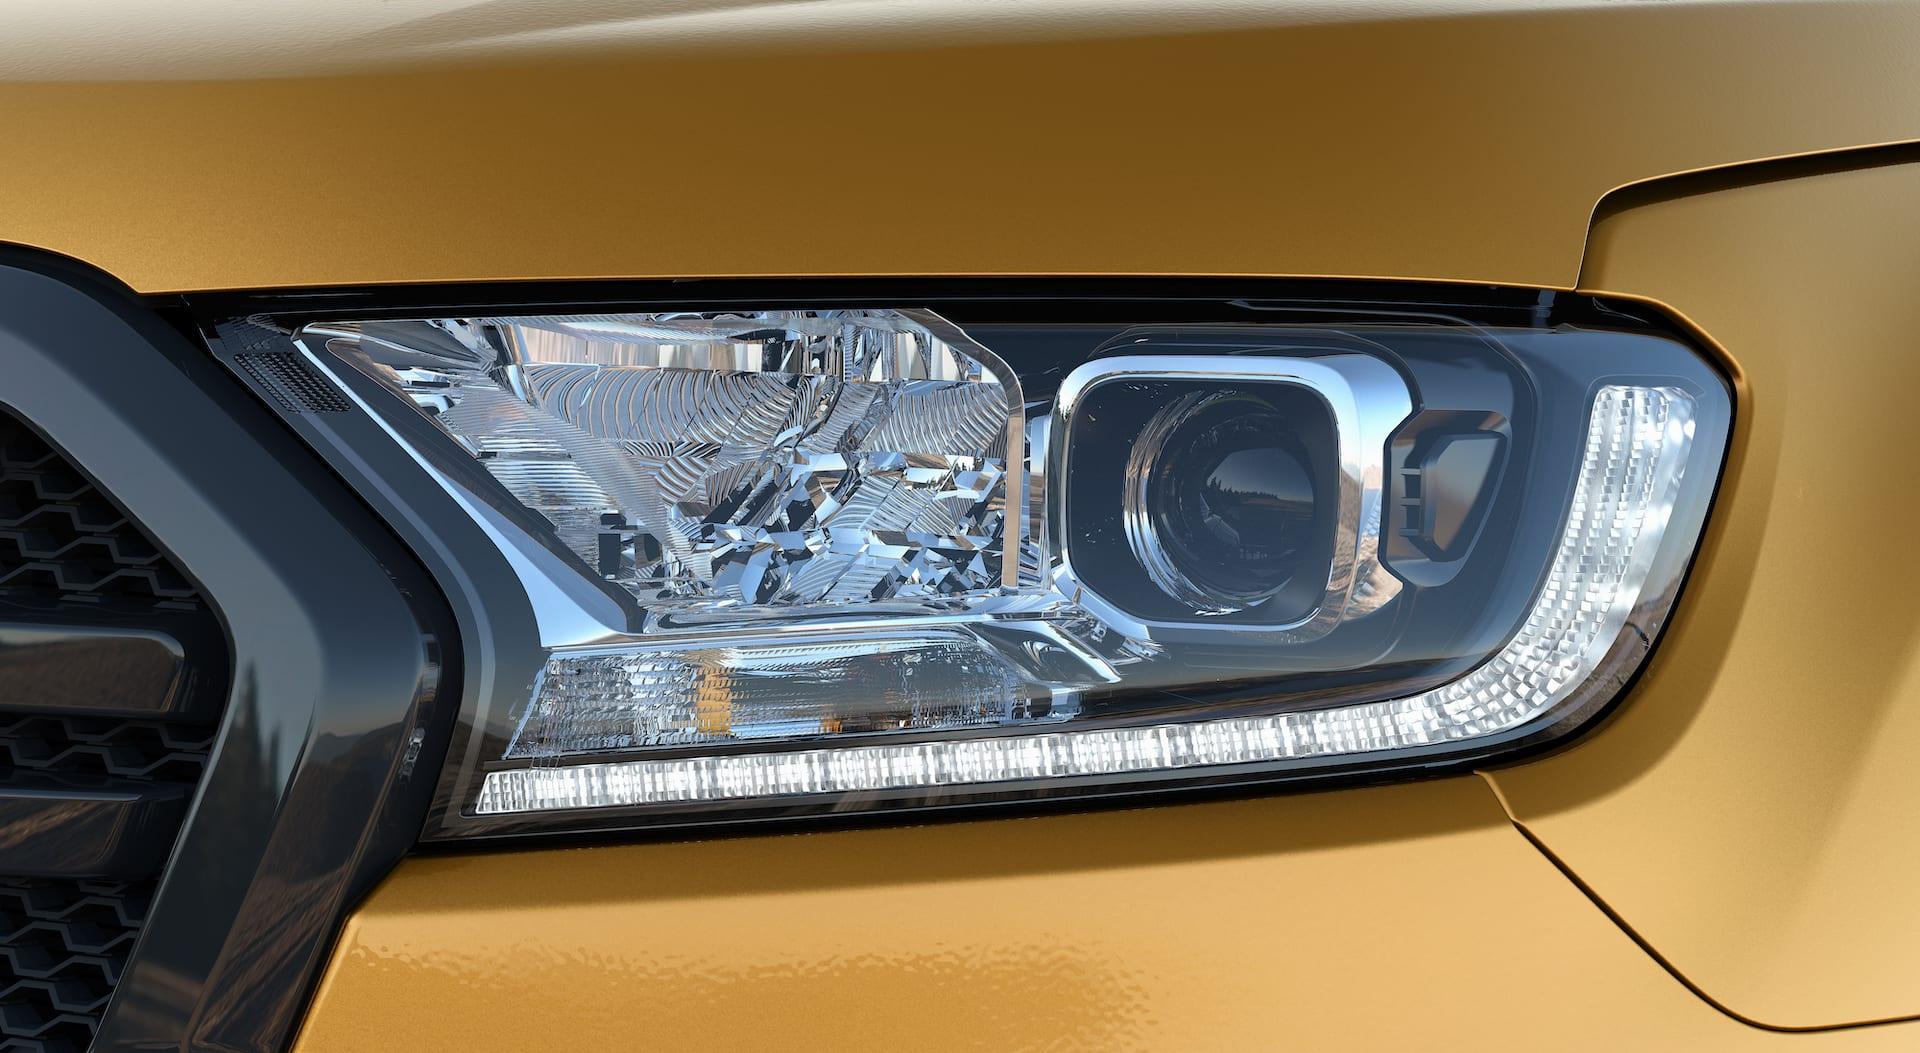 2020 Ranger Headlight